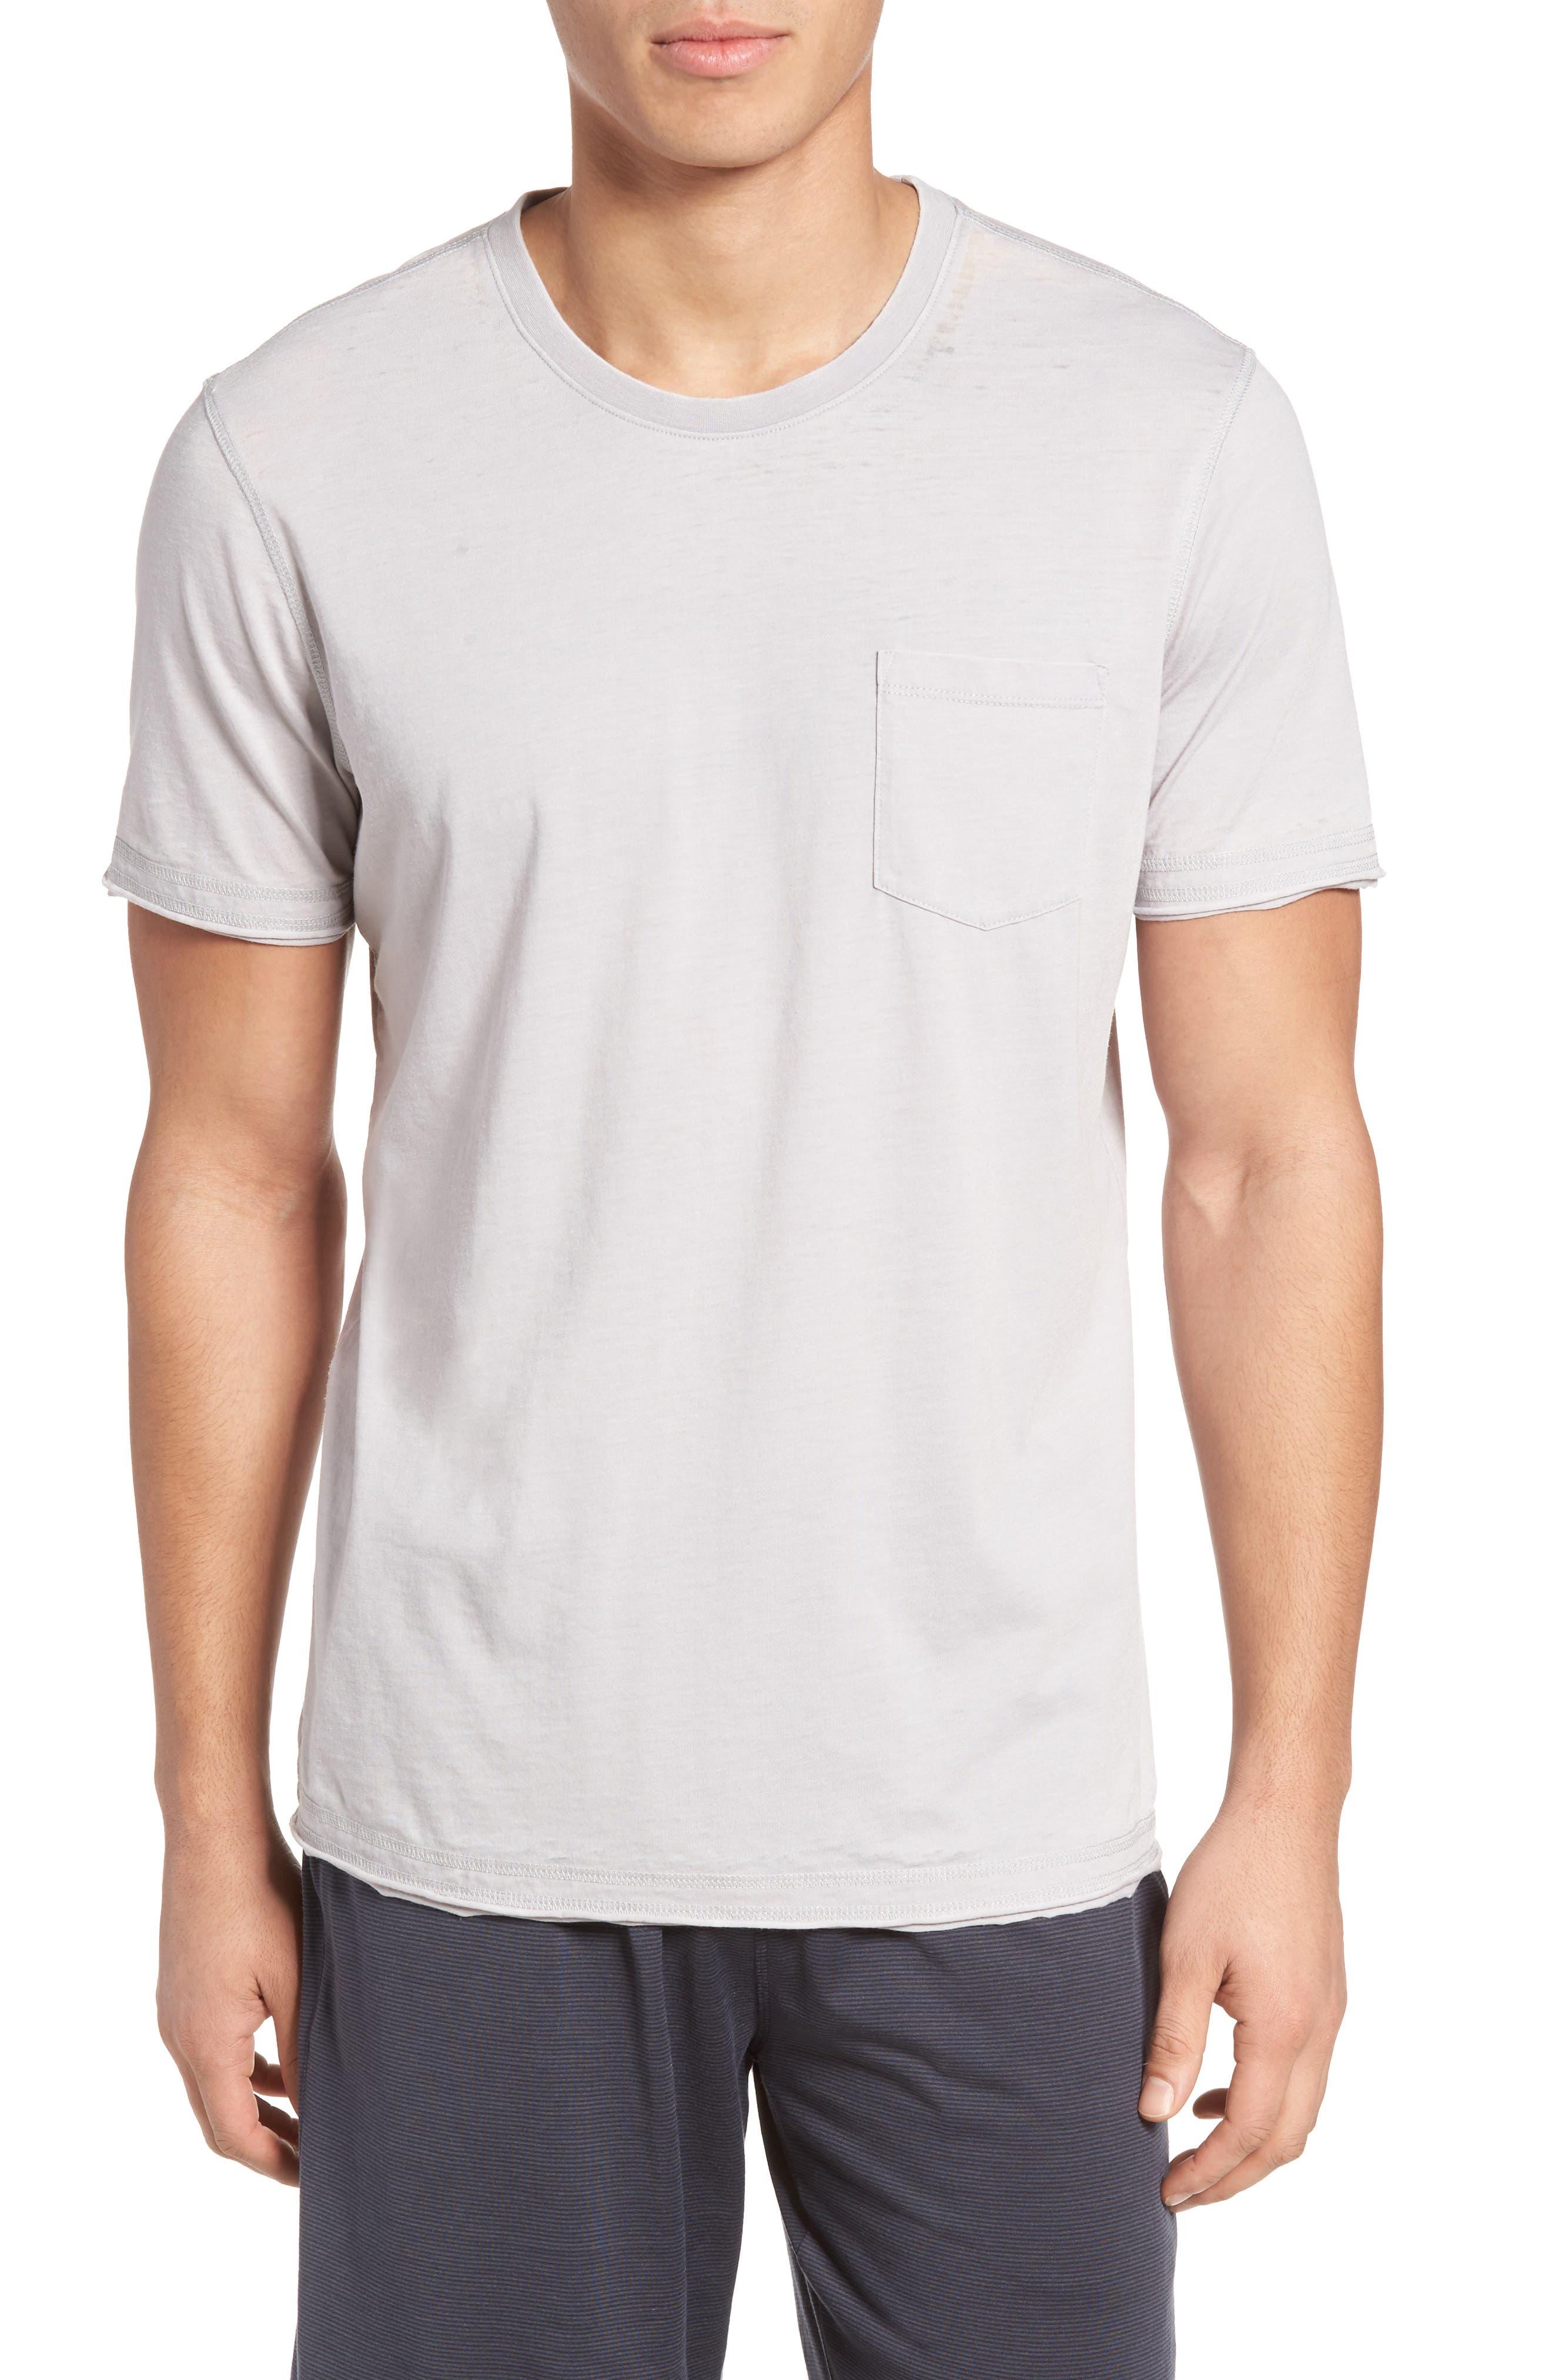 Main Image - Daniel Buchler Burnout Cotton Blend Crewneck T-Shirt